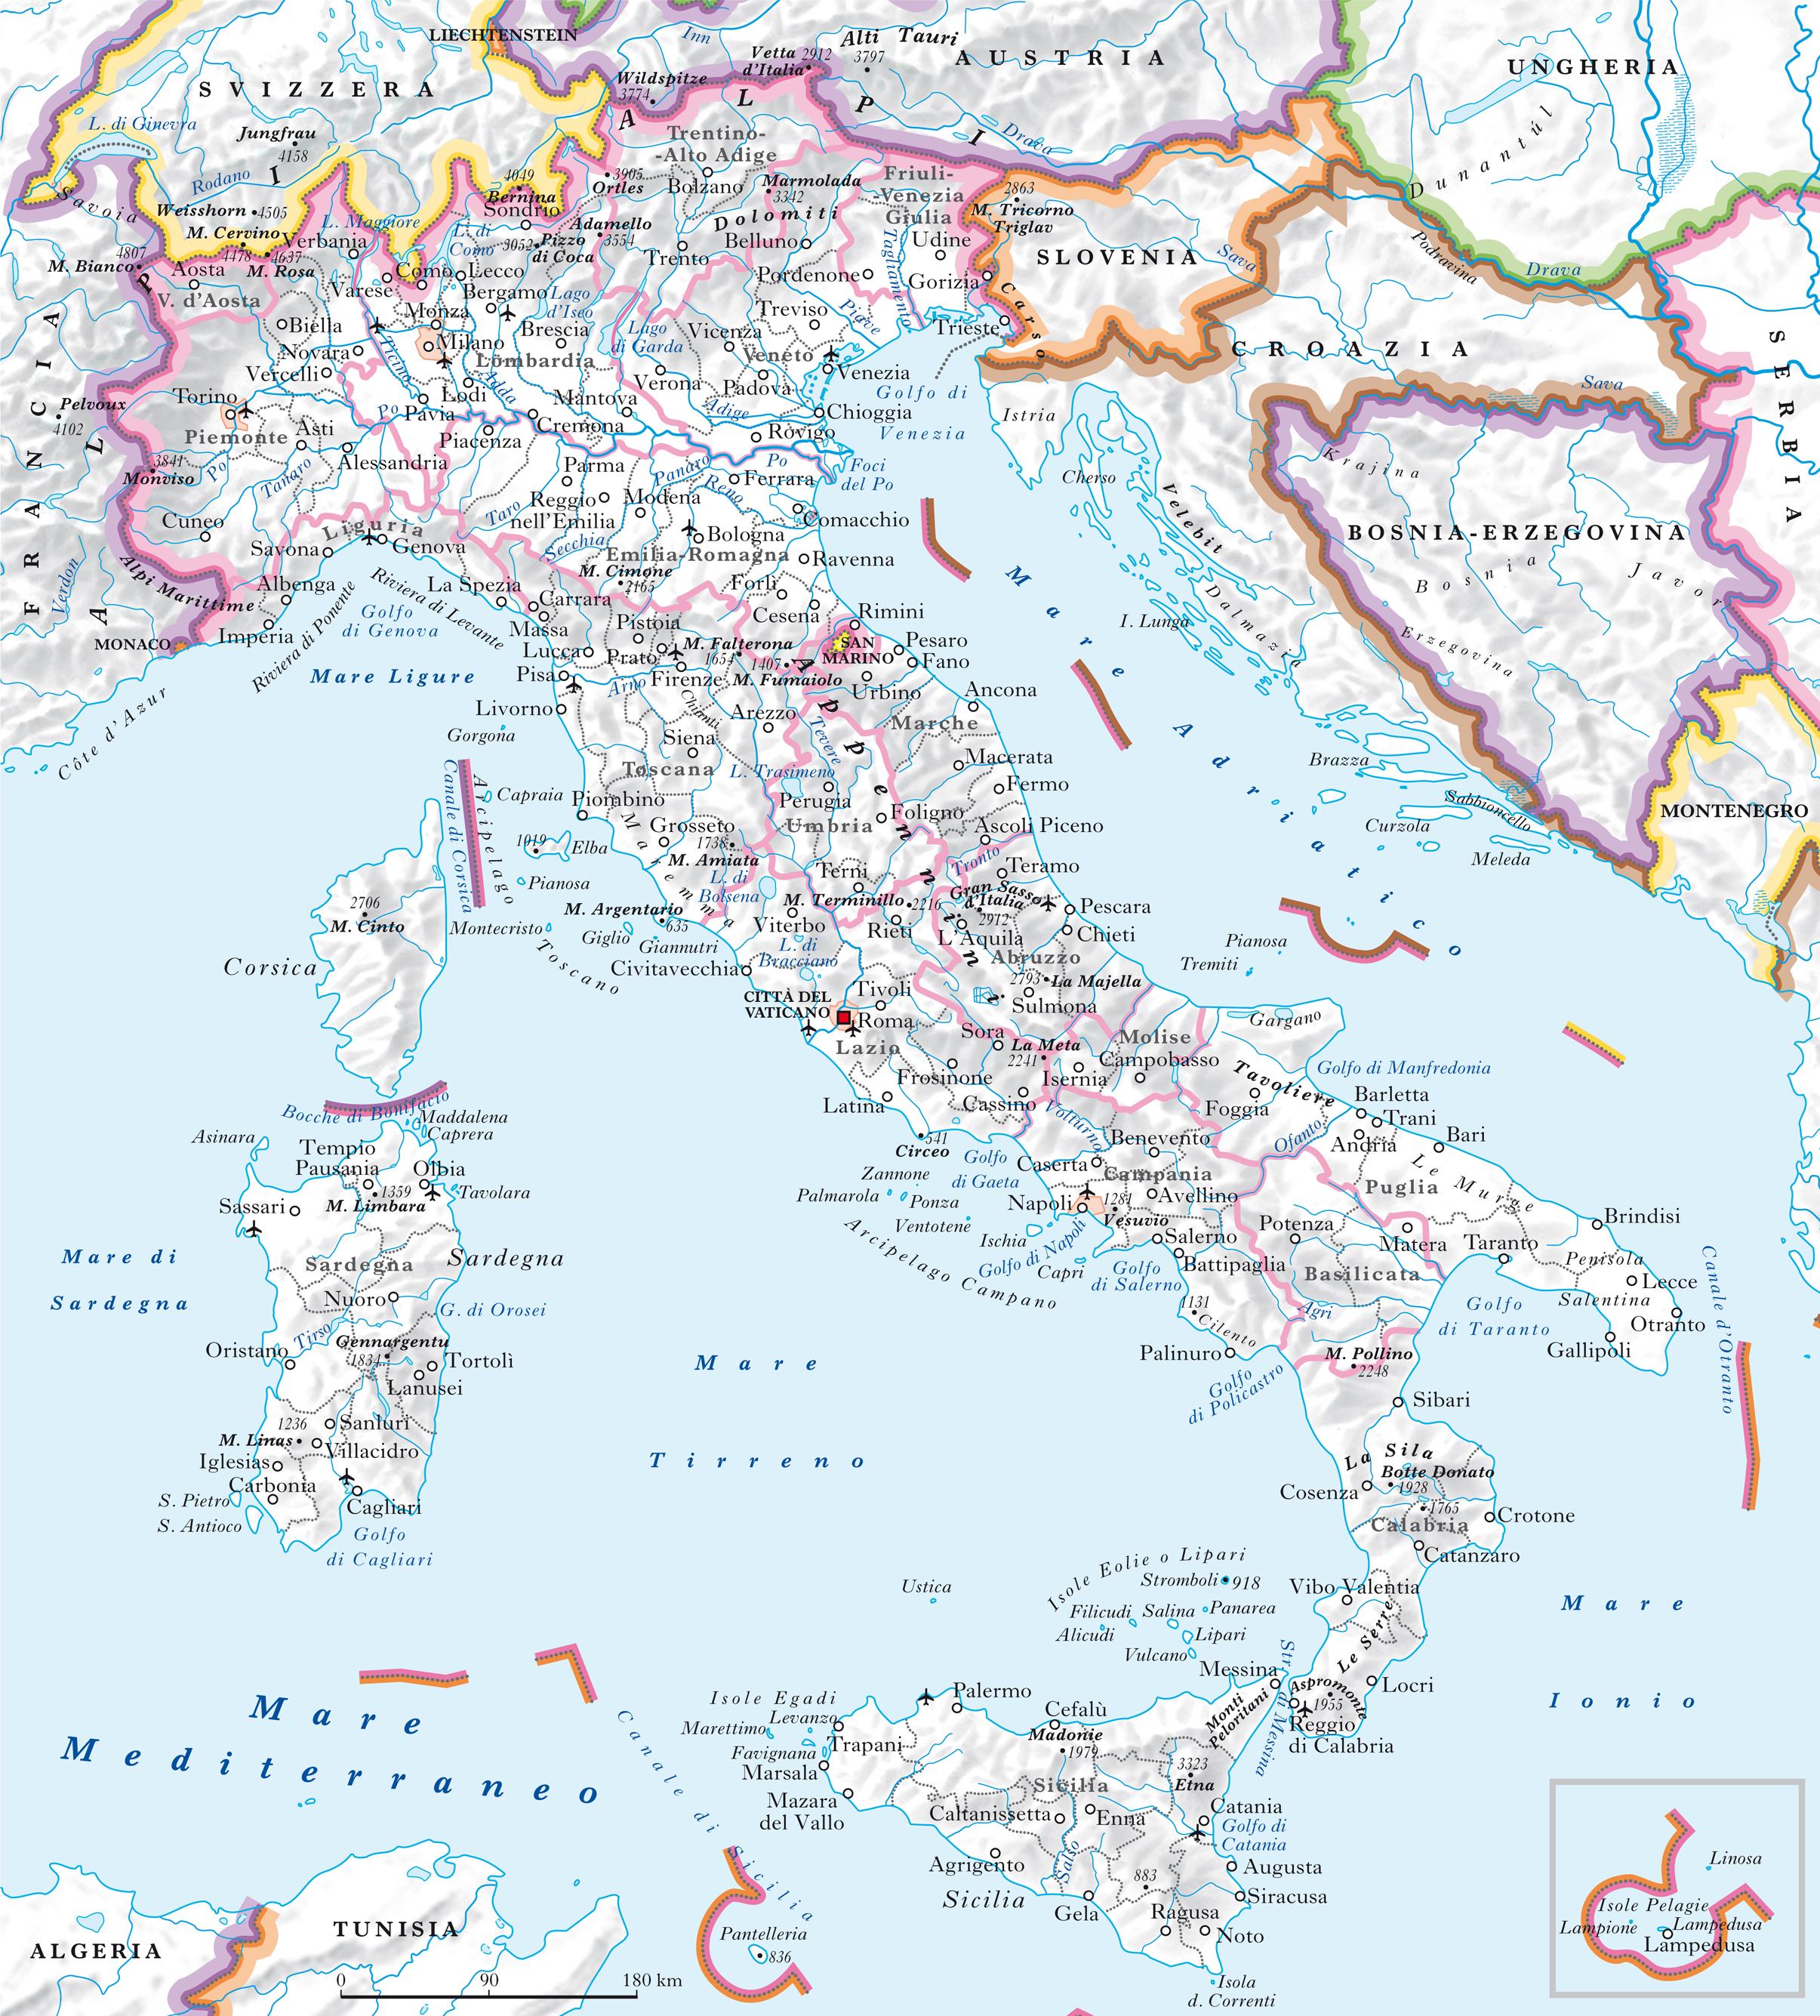 Cartina Italia Fiumi.Cartina Muta Italia Fiumi E Laghi Europei